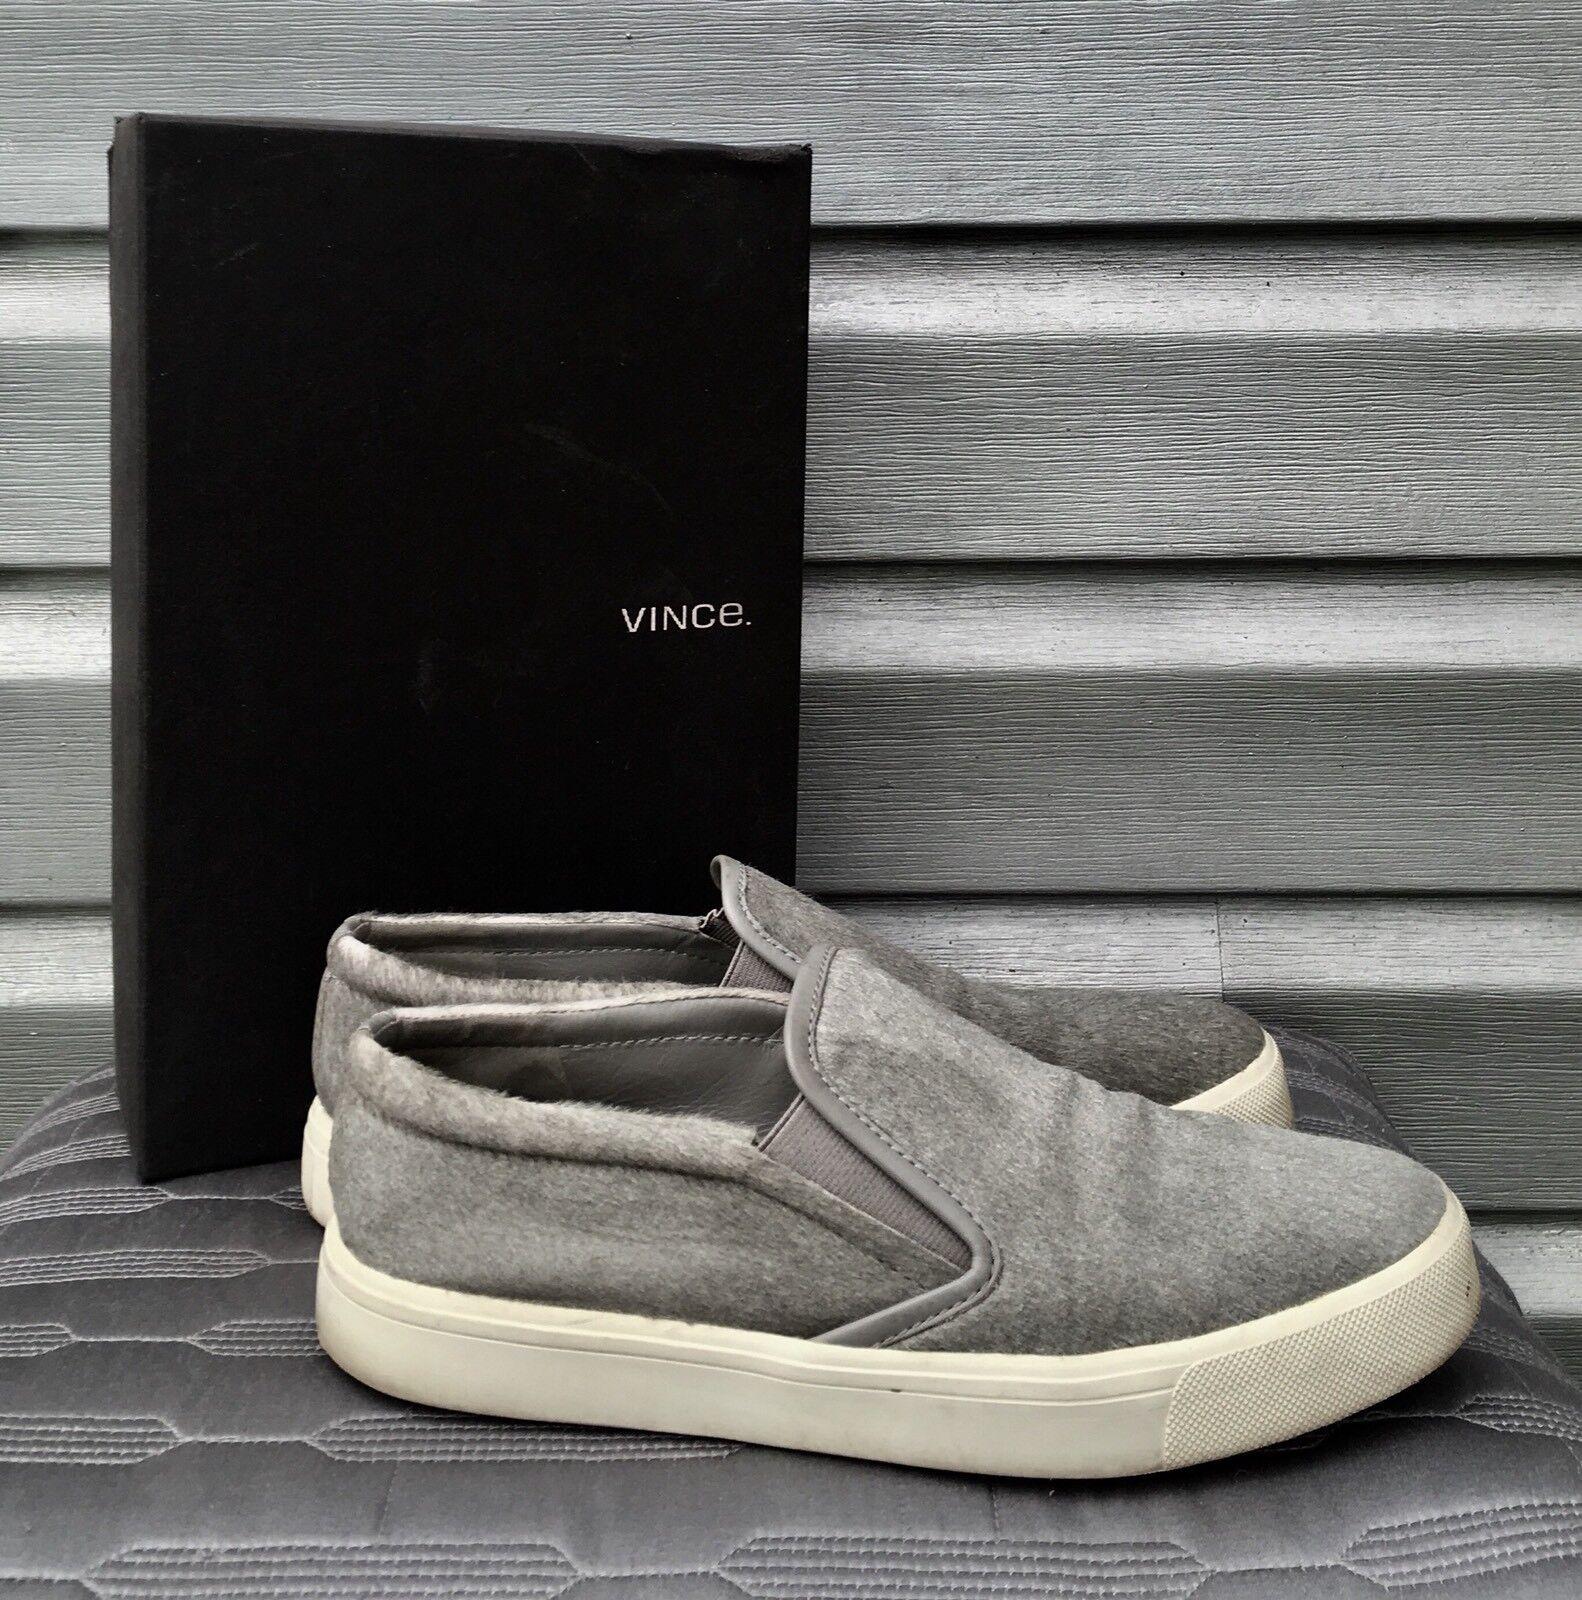 VINCE Banler Slip On Calf Pony Hair Steel Gray Sneakers 250